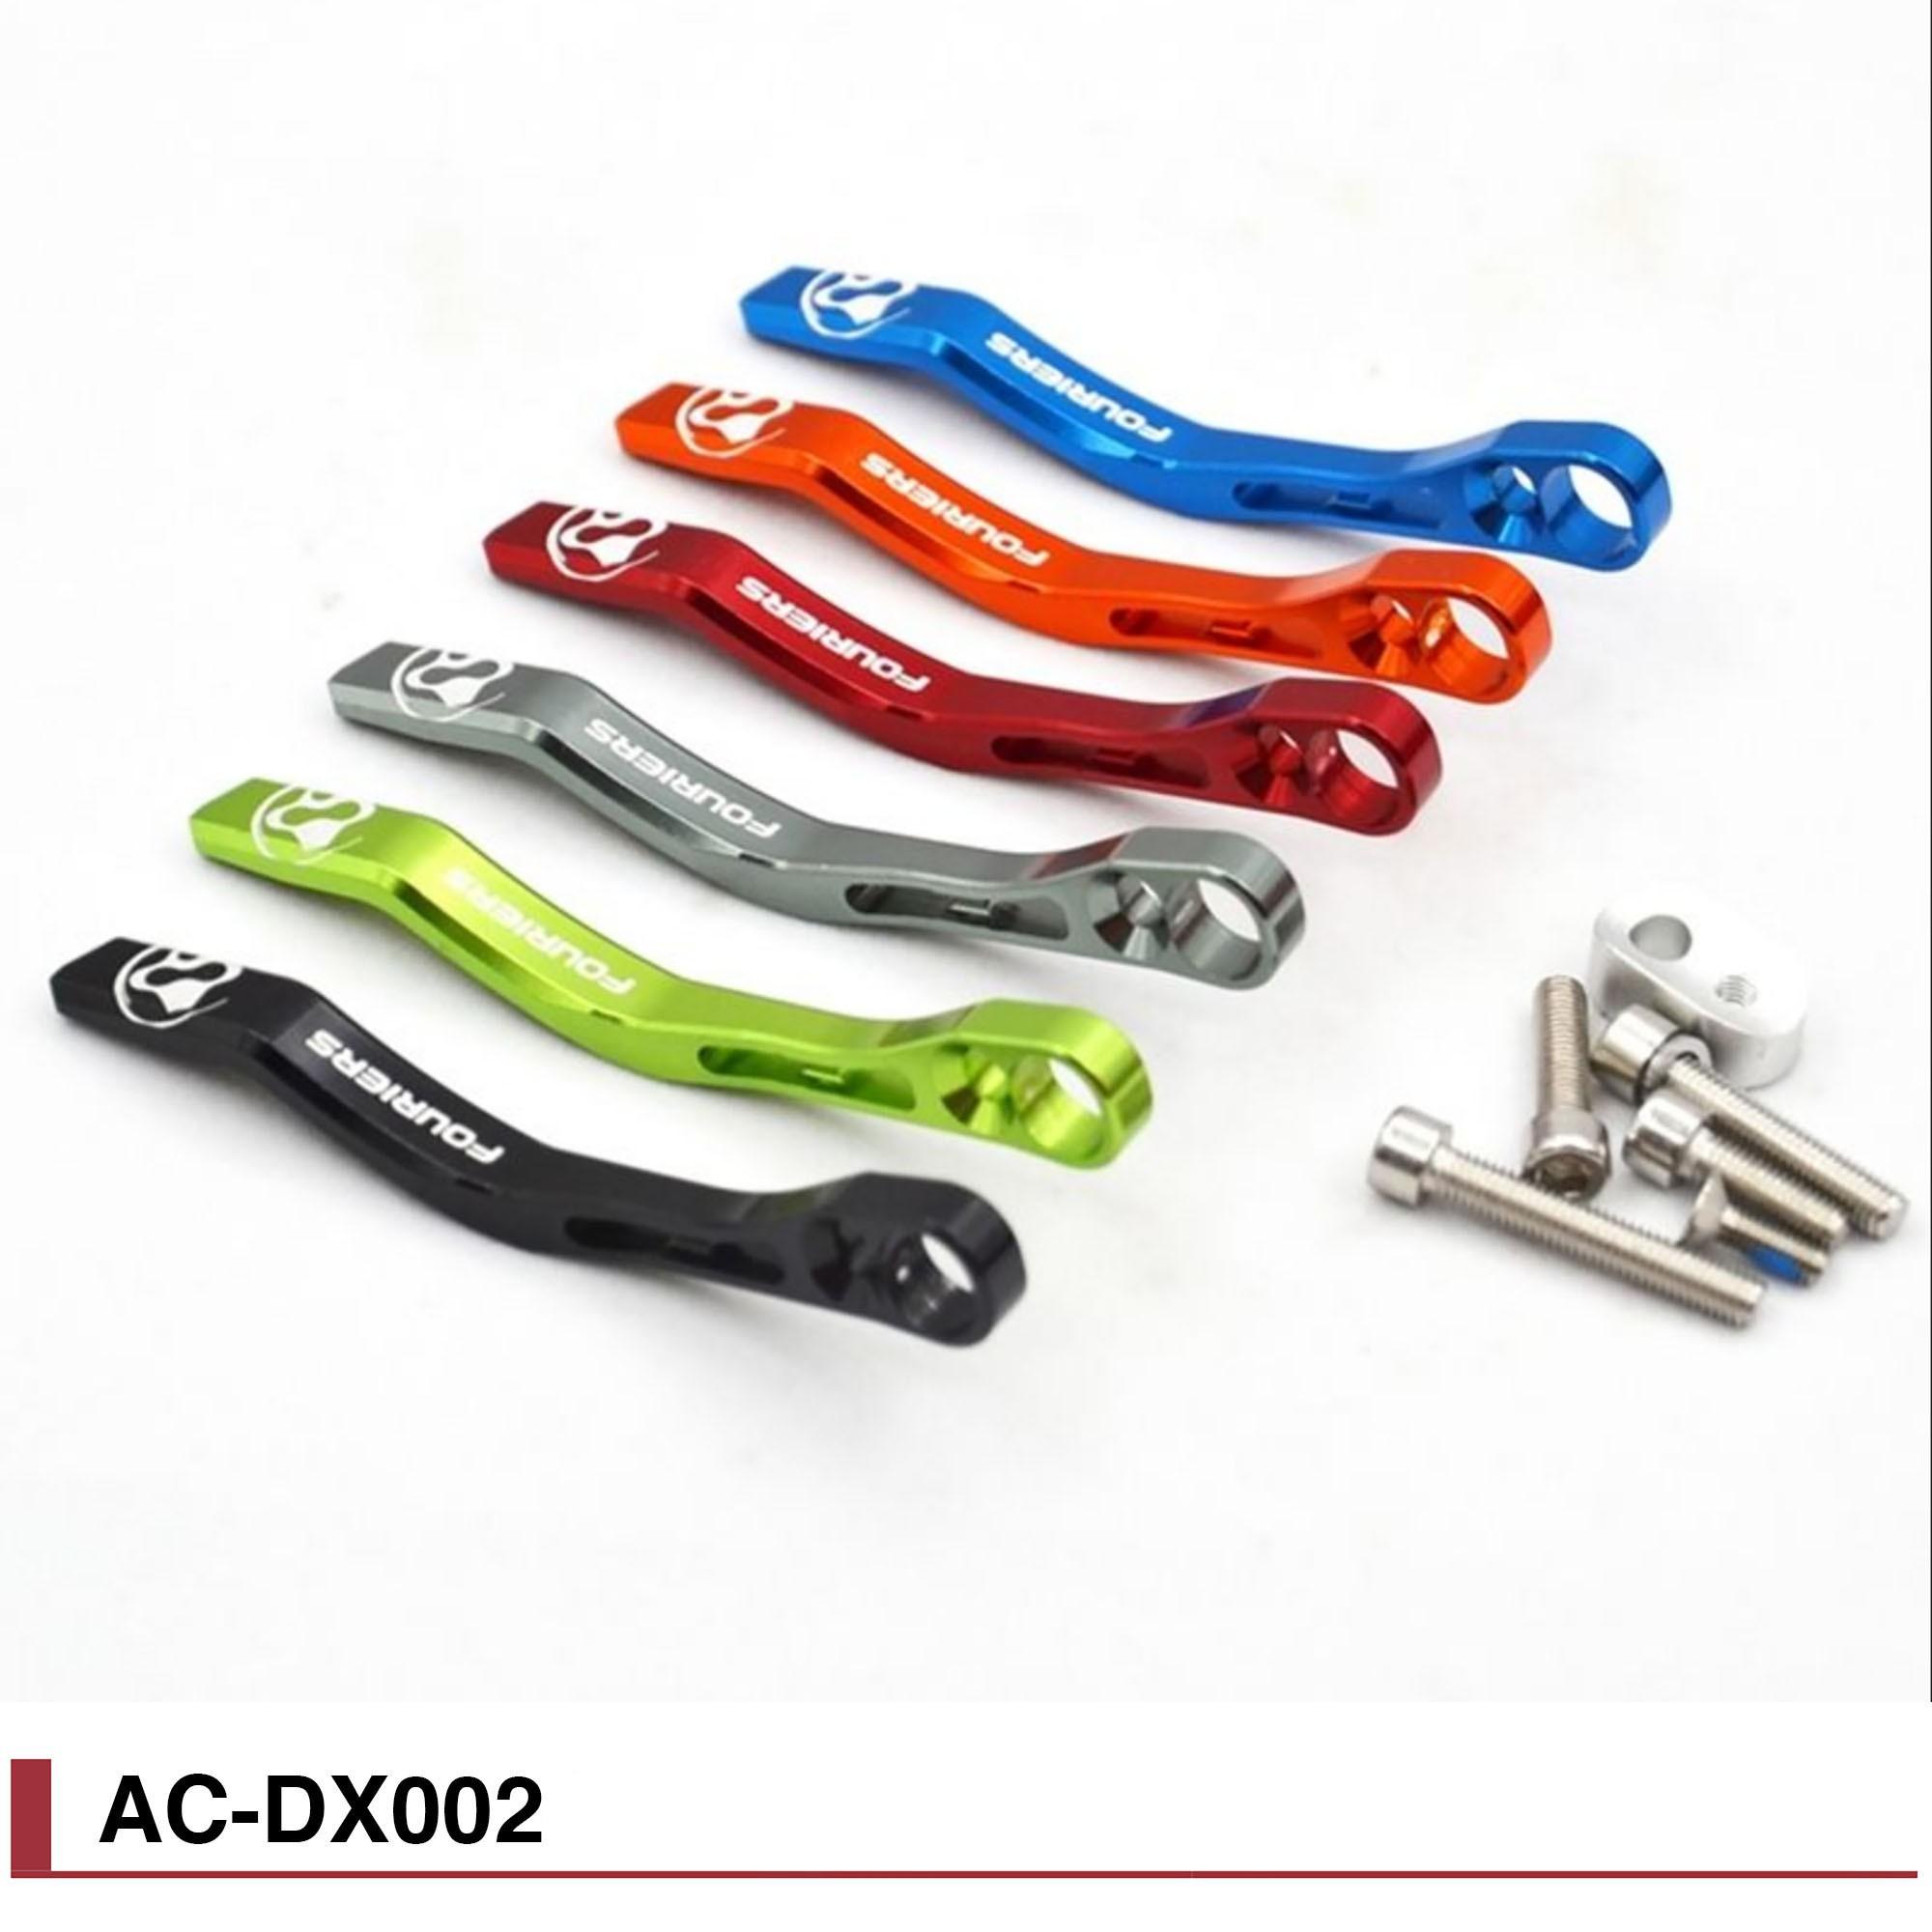 Patte anti-déraillement aluminium Fouriers AC-DX002-16-L